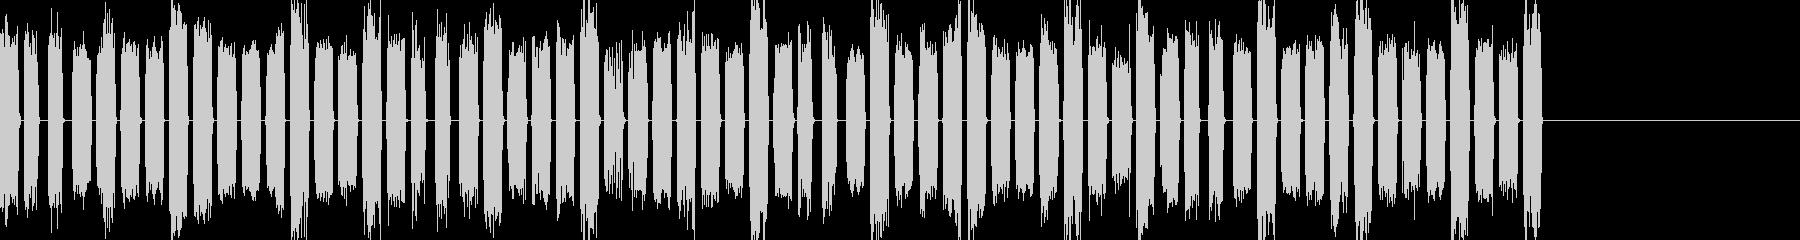 ロボット音03の未再生の波形